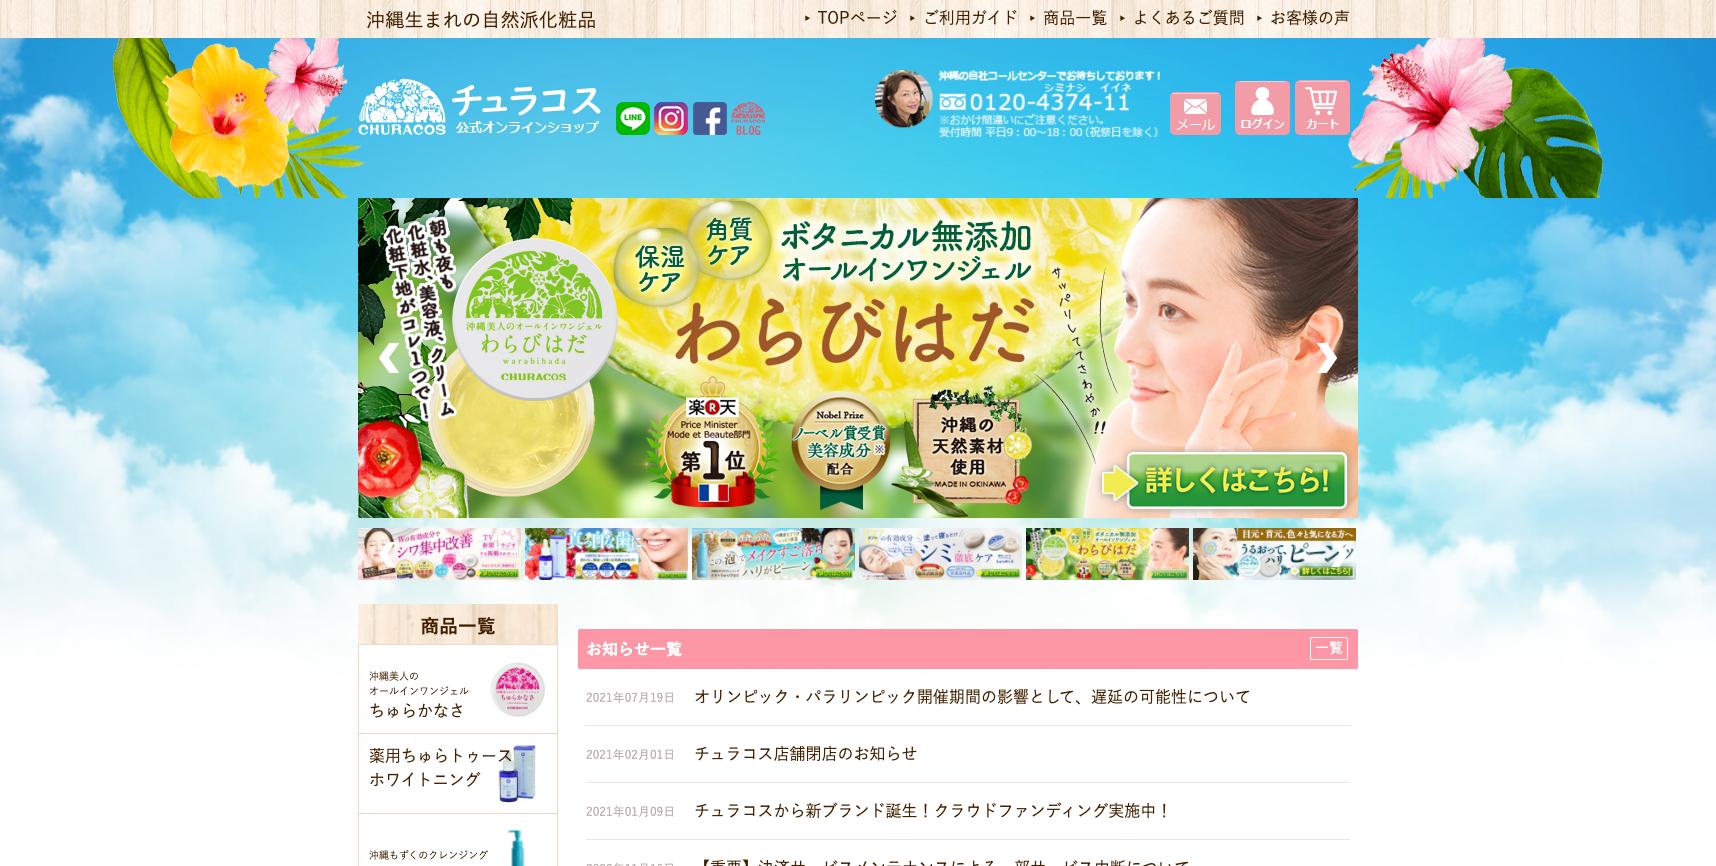 チュラコス株式会社-沖縄生まれの自然派化粧品